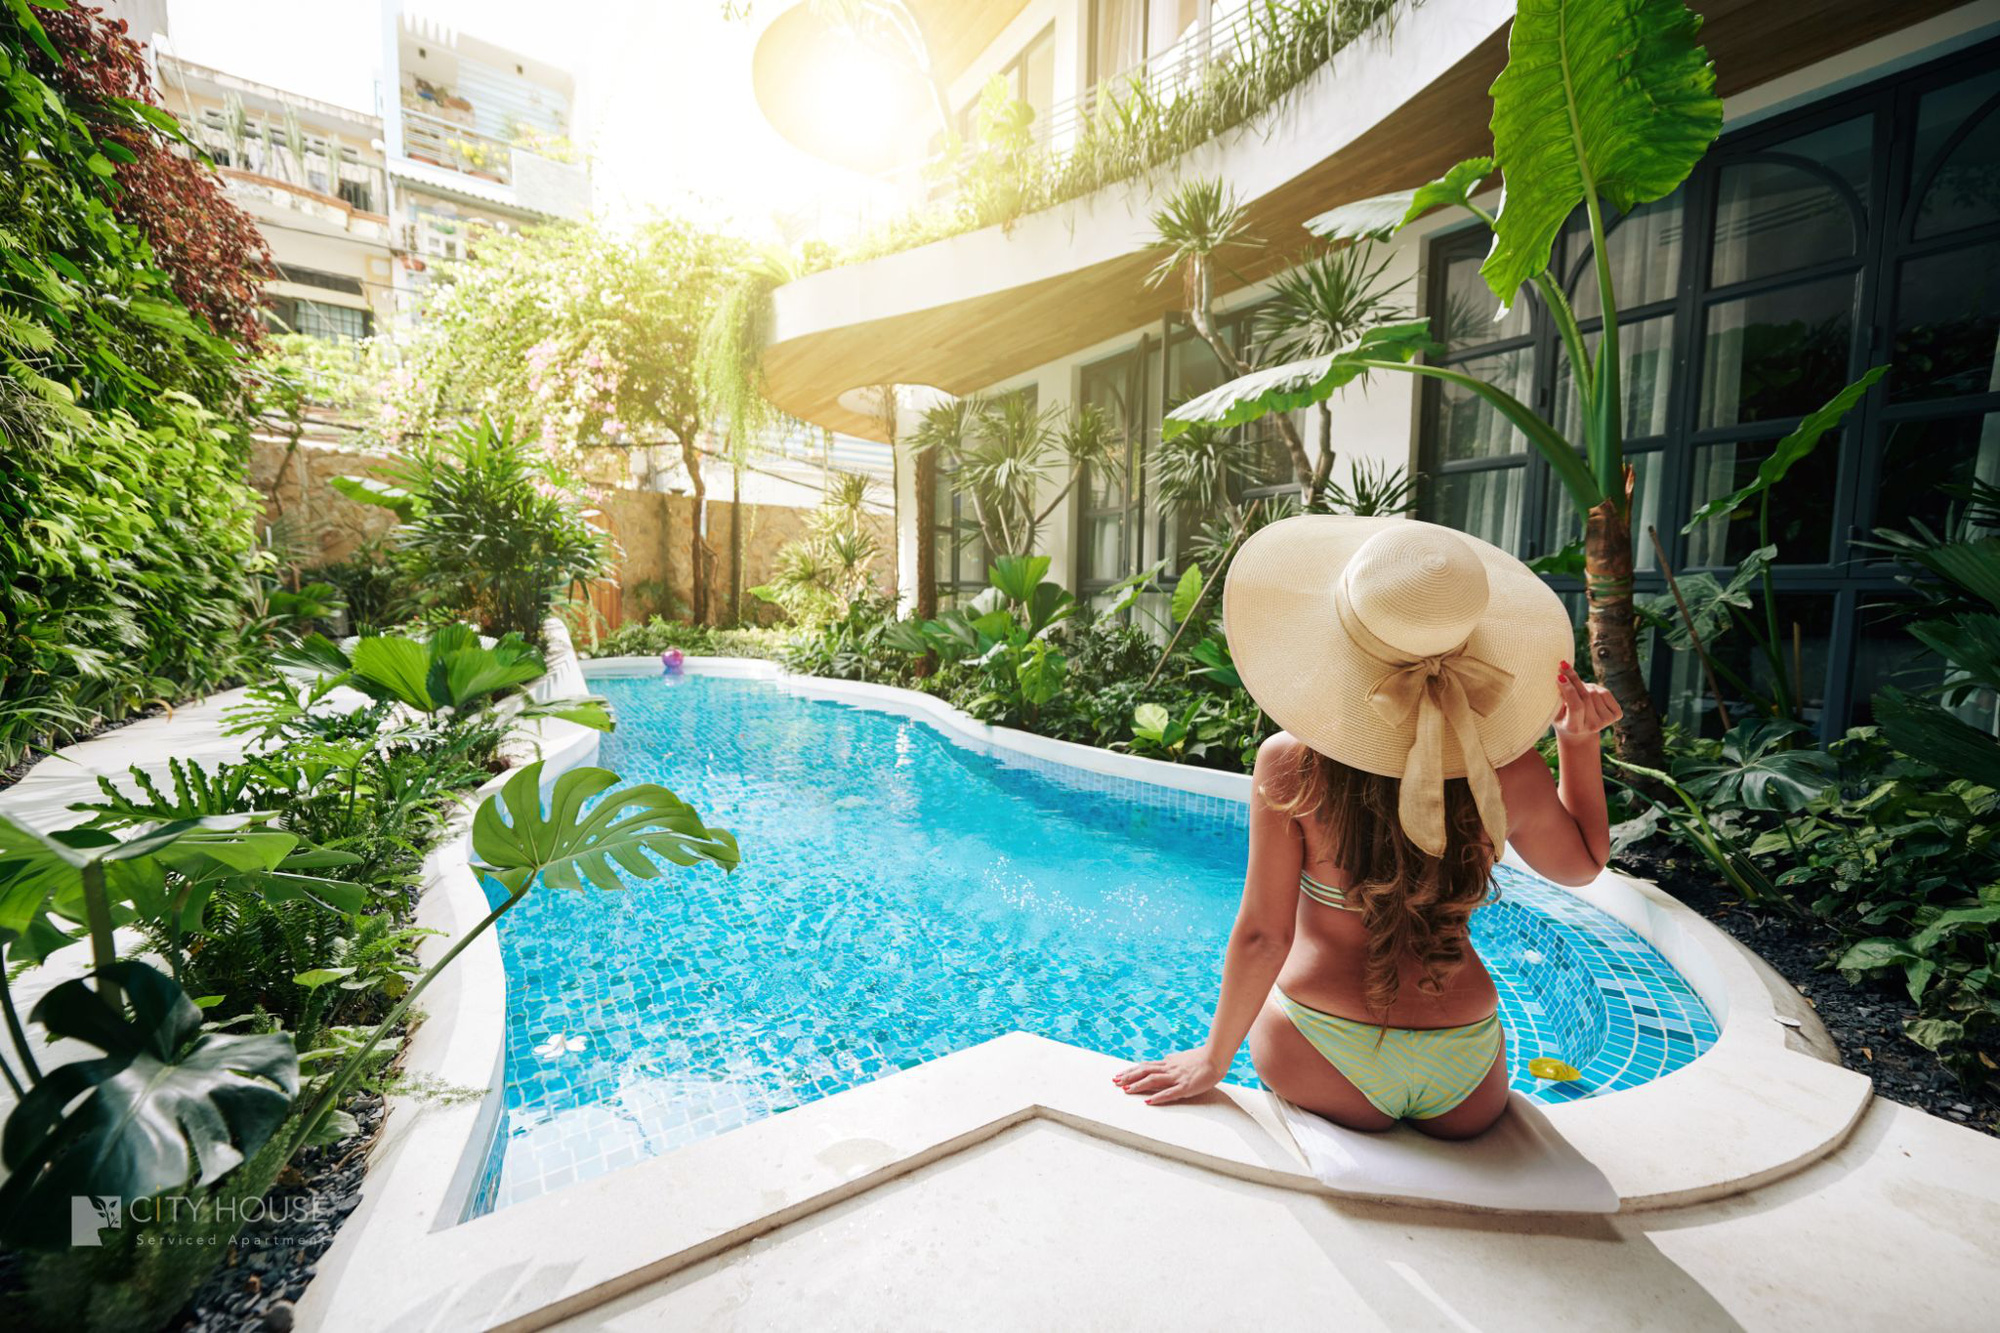 """Xuất hiện khách sạn ngay trung tâm Sài Gòn mà cứ ngỡ là resort nào đó ngoài biển, nhiều góc """"chill"""" xỉu lại chuẩn """"tropical vibe"""" - Ảnh 3."""